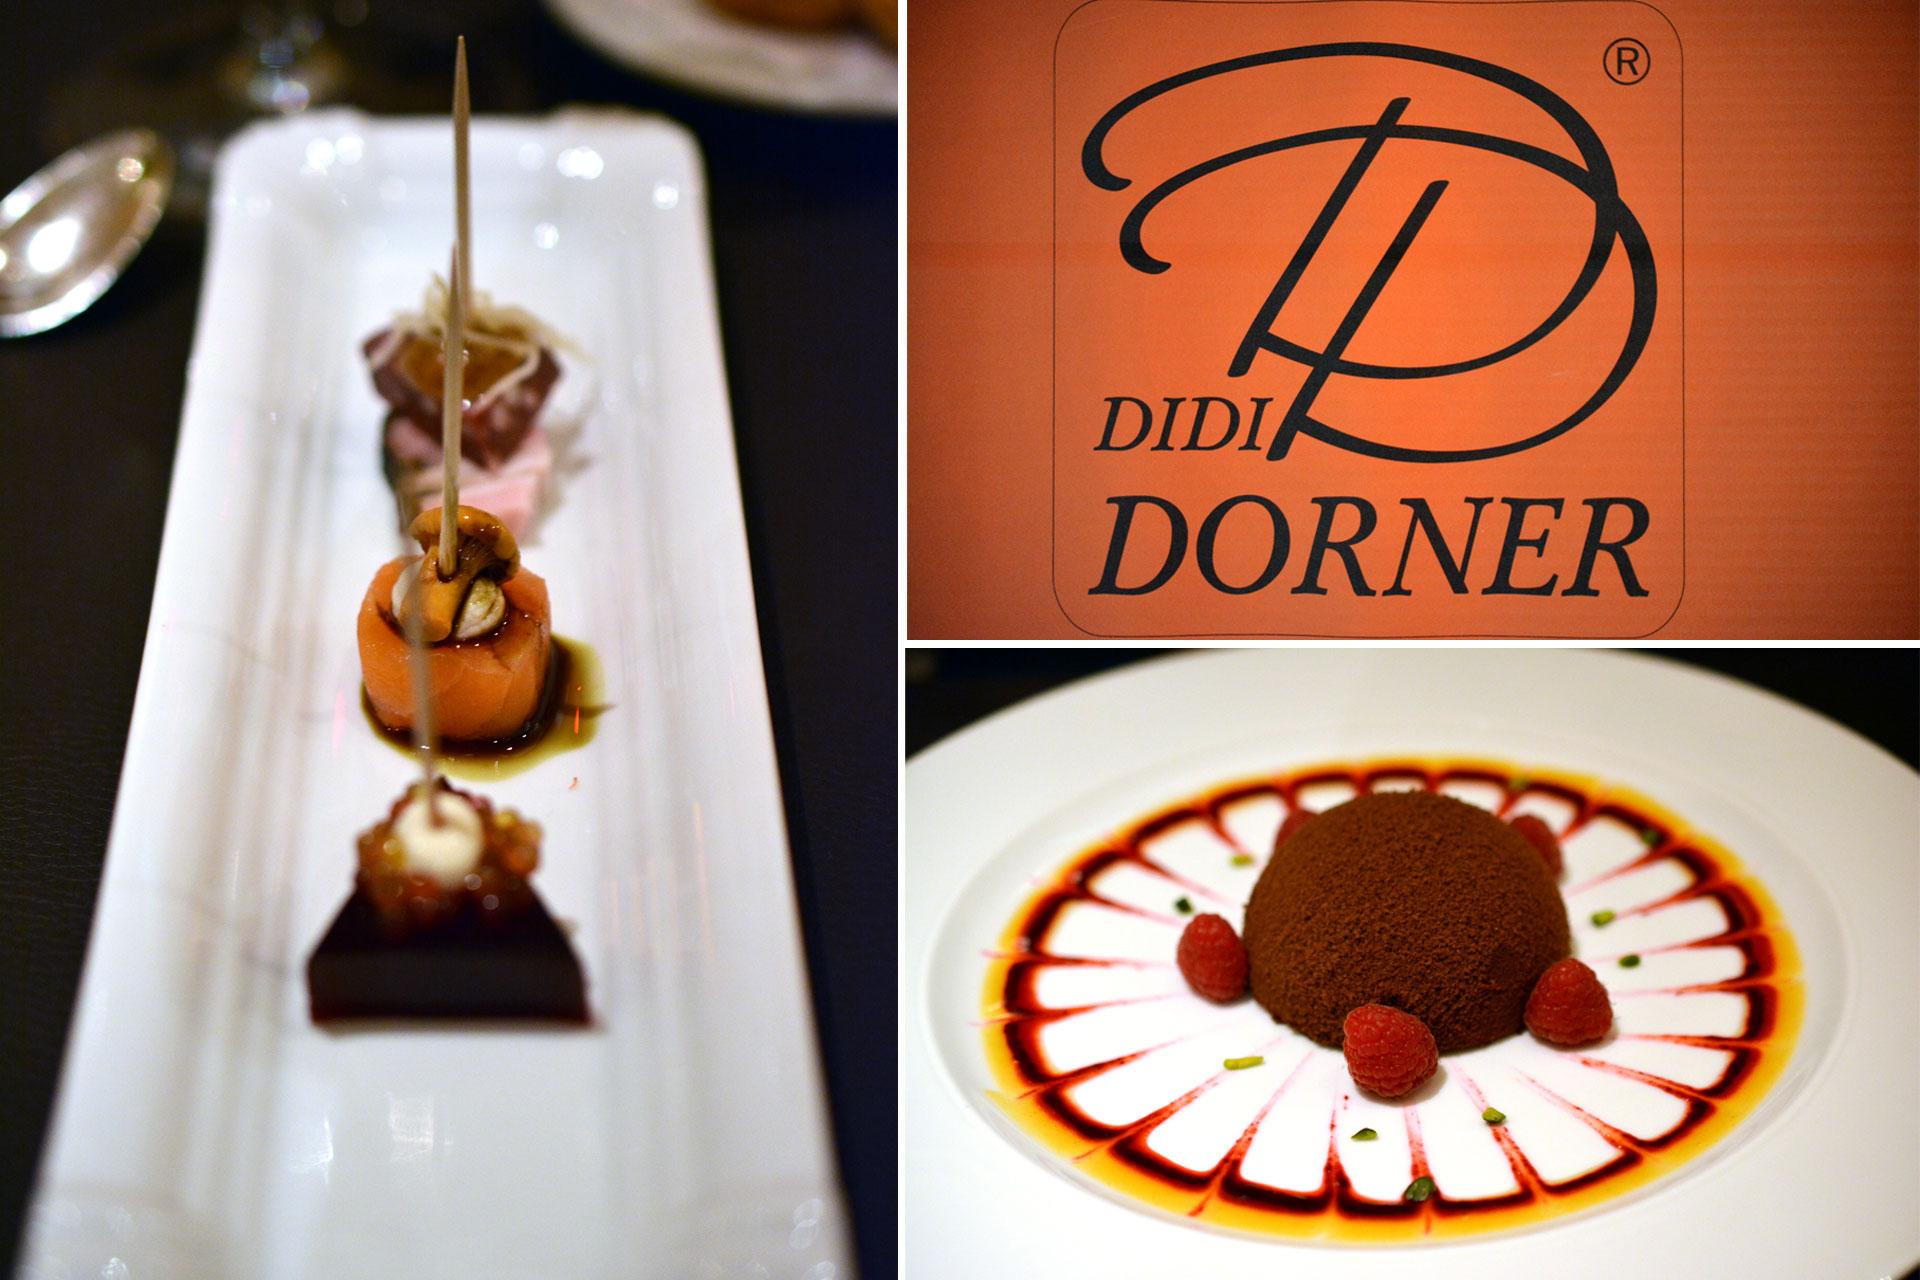 Didi Dorner